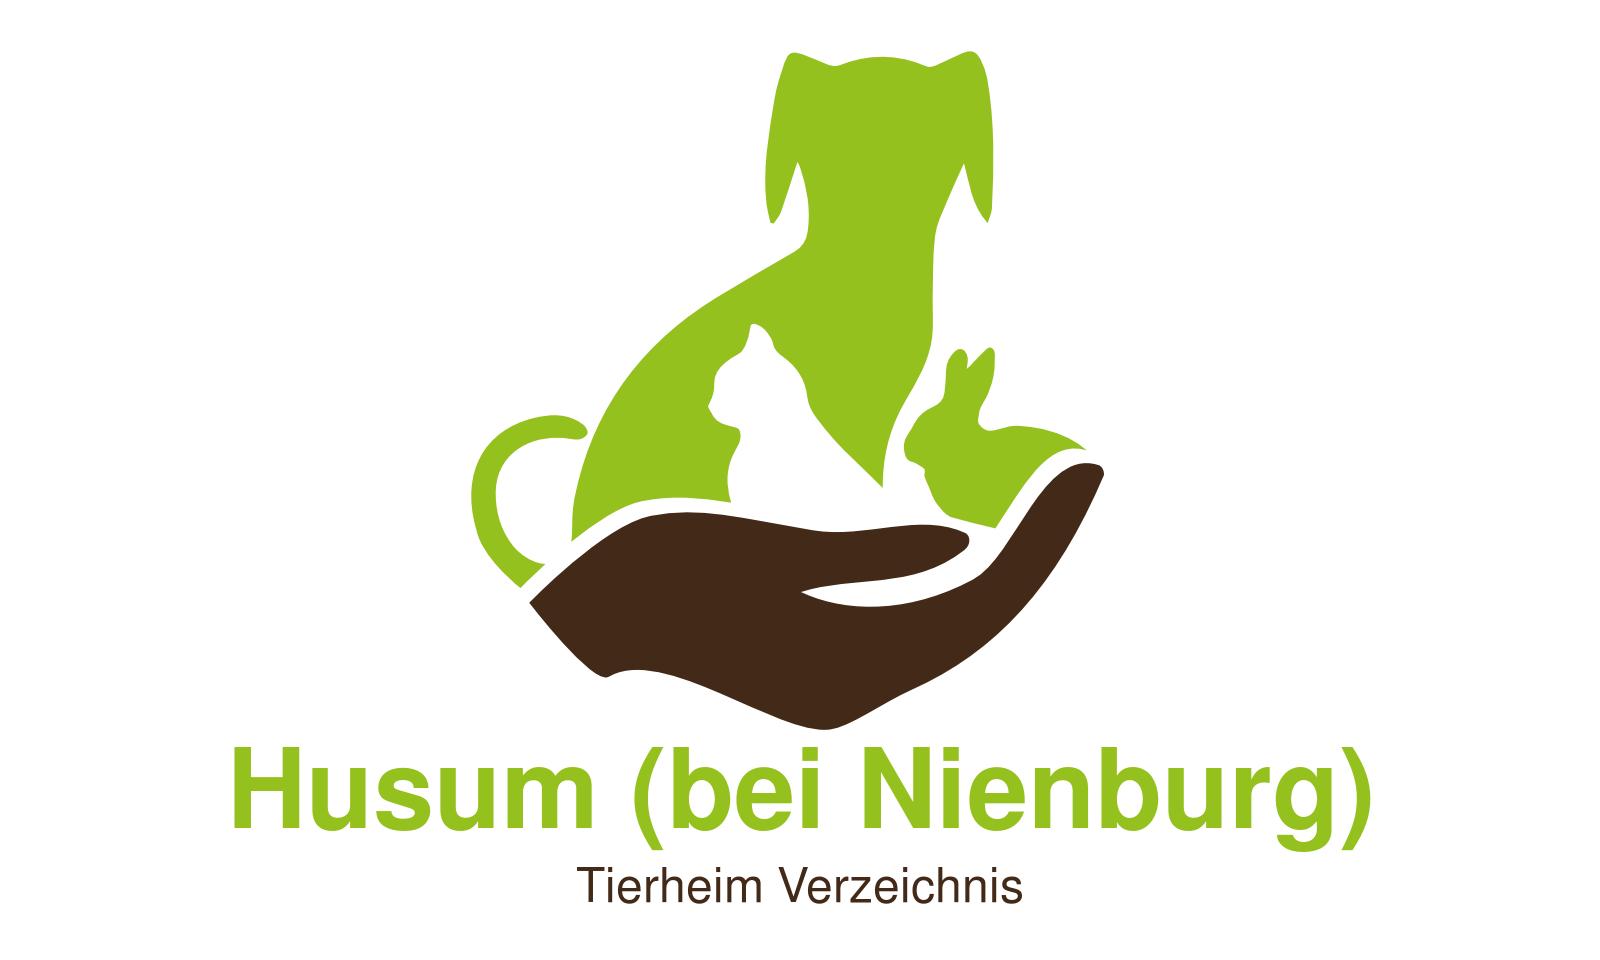 Tierheim Husum (bei Nienburg)